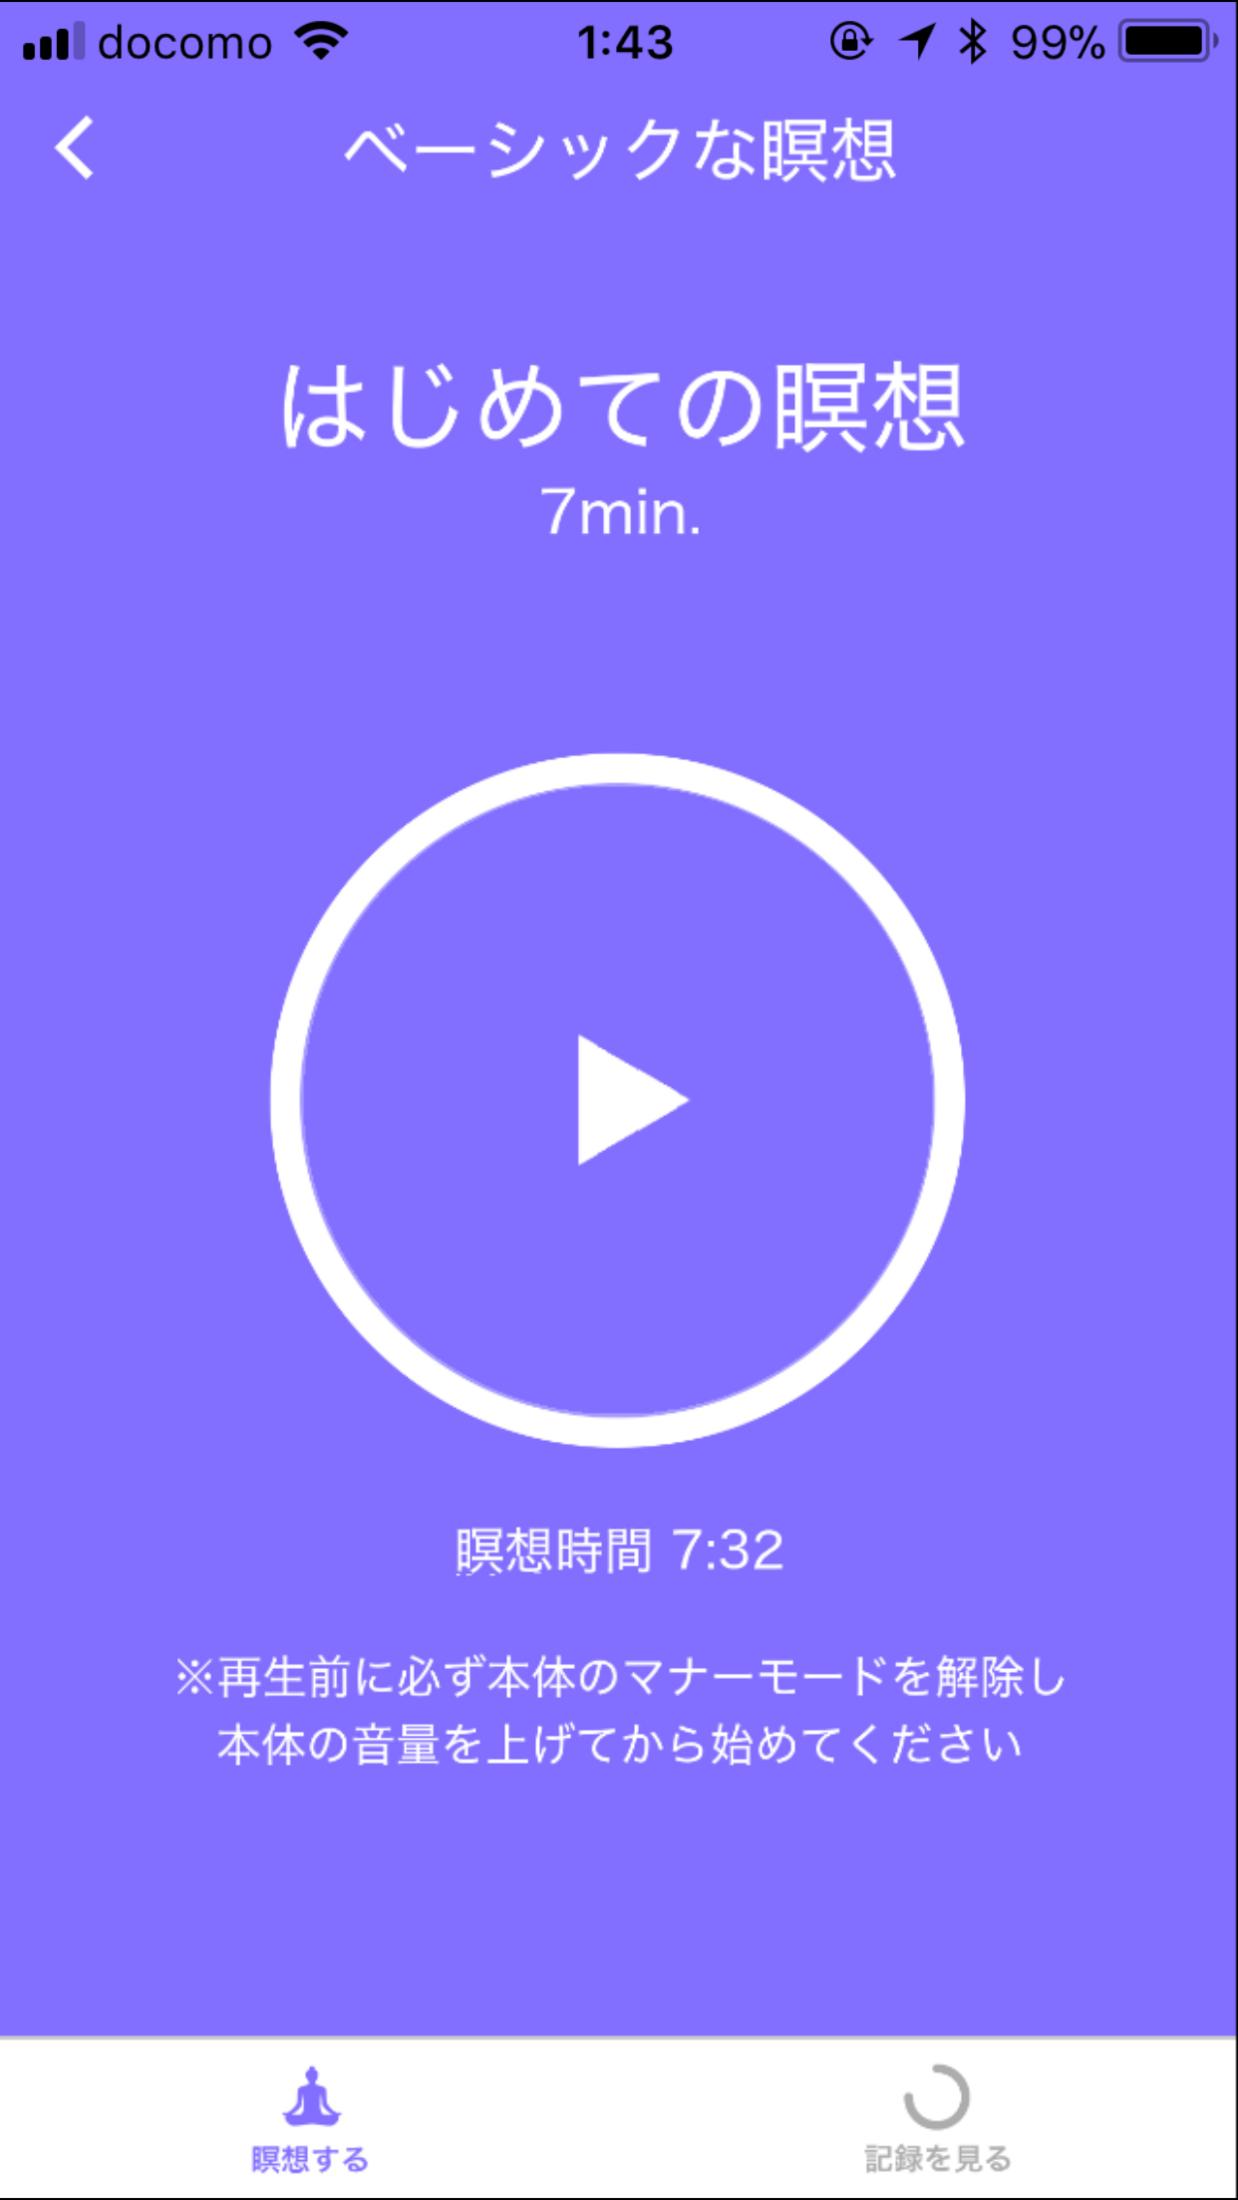 f:id:morinokmichi:20180109205350p:plain